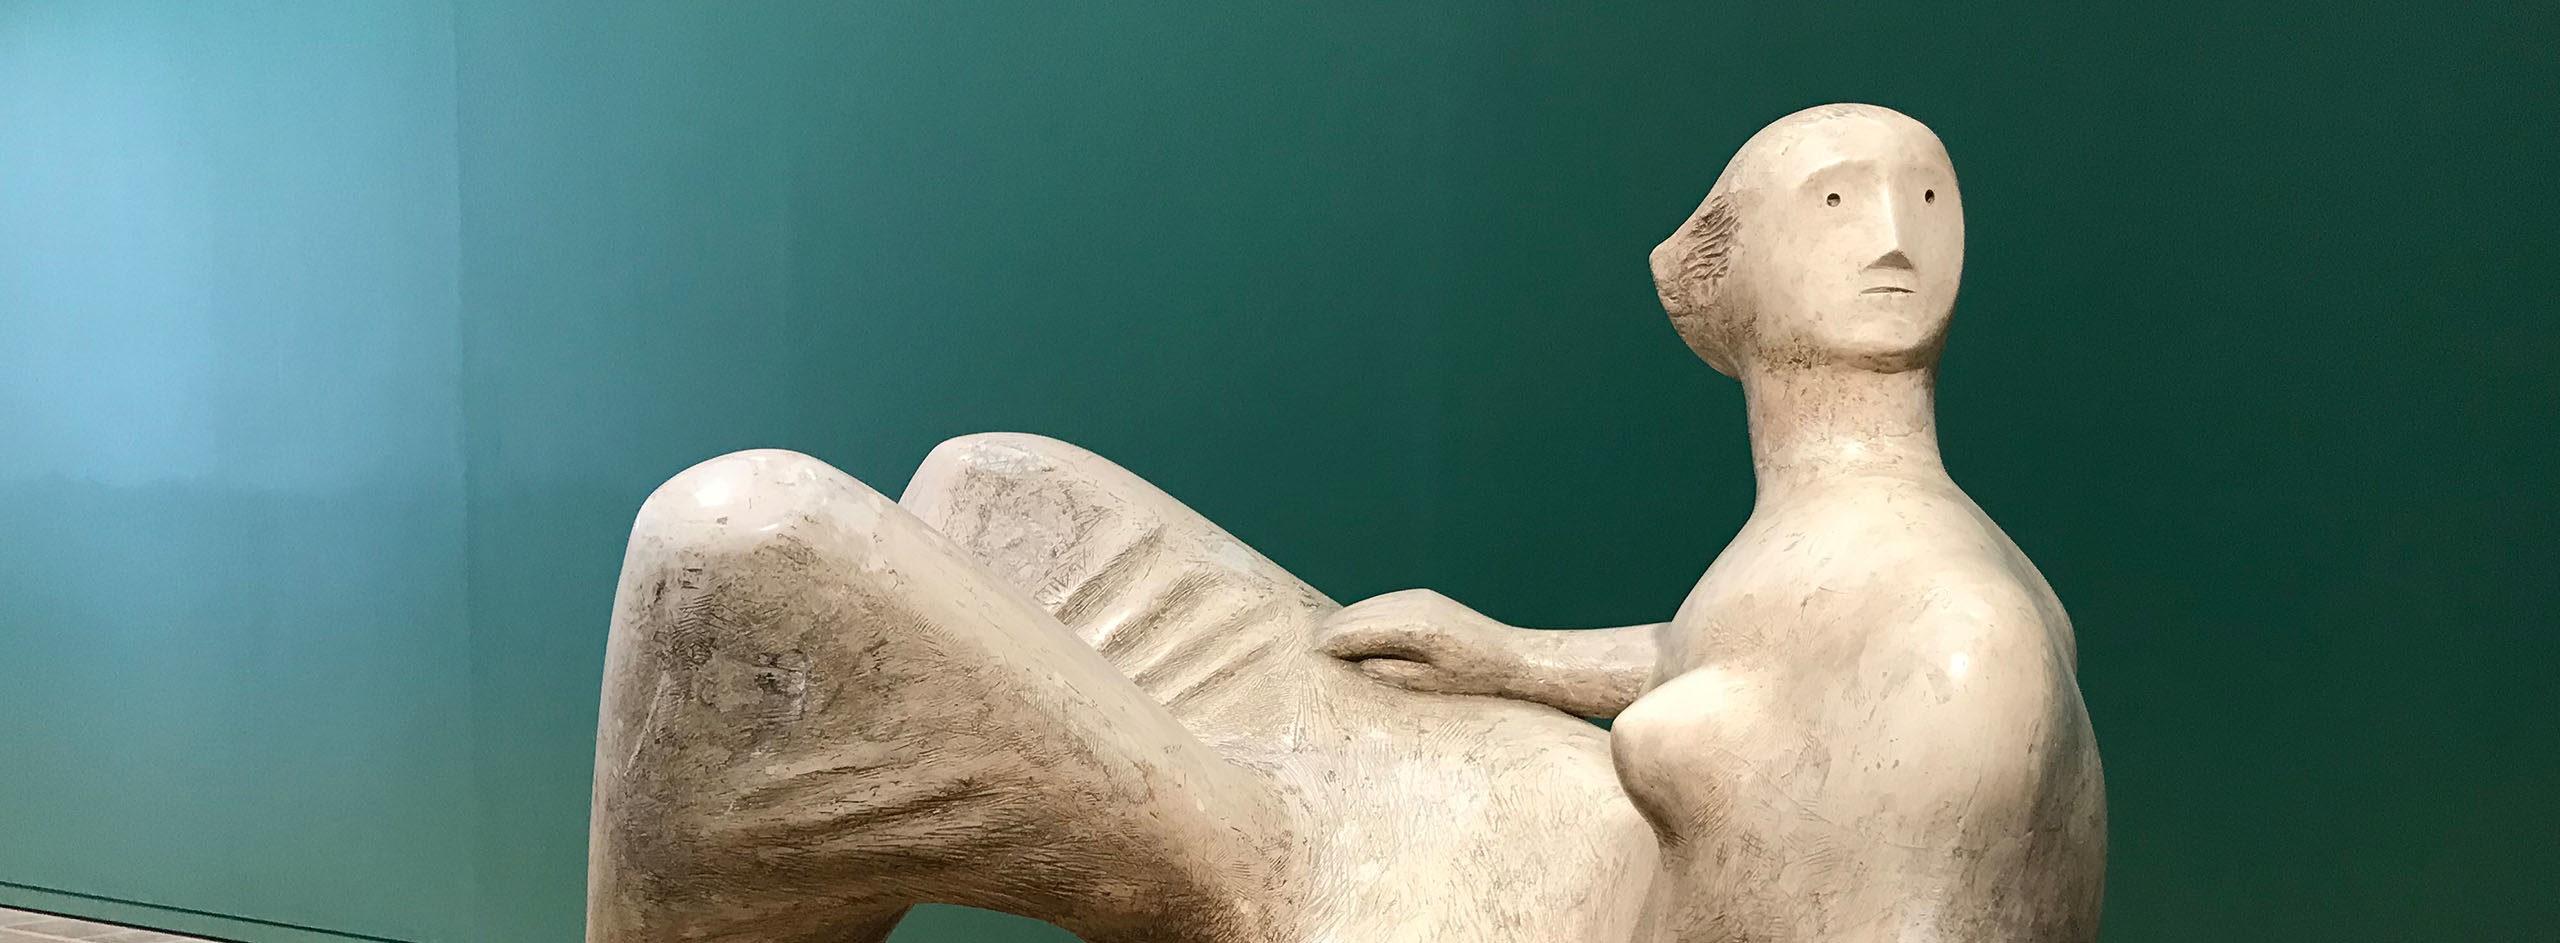 Henry Moore, Fonds Hélène et Édouard Leclerc pour la culture, Landerneau